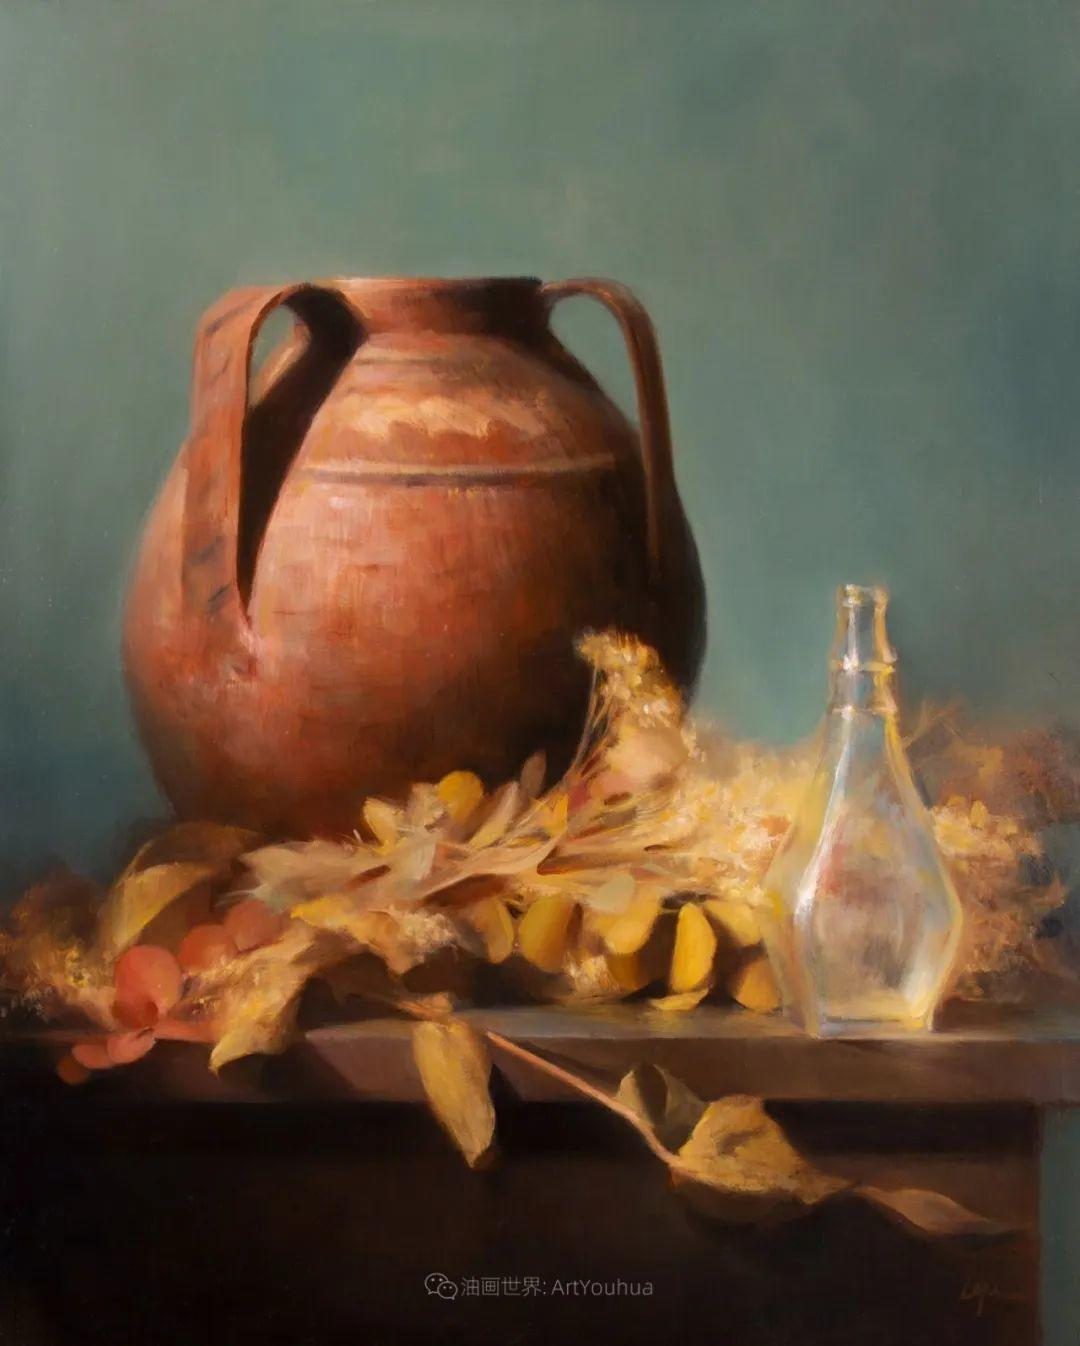 水果与静物,美国女画家莉亚·洛佩兹画选插图39